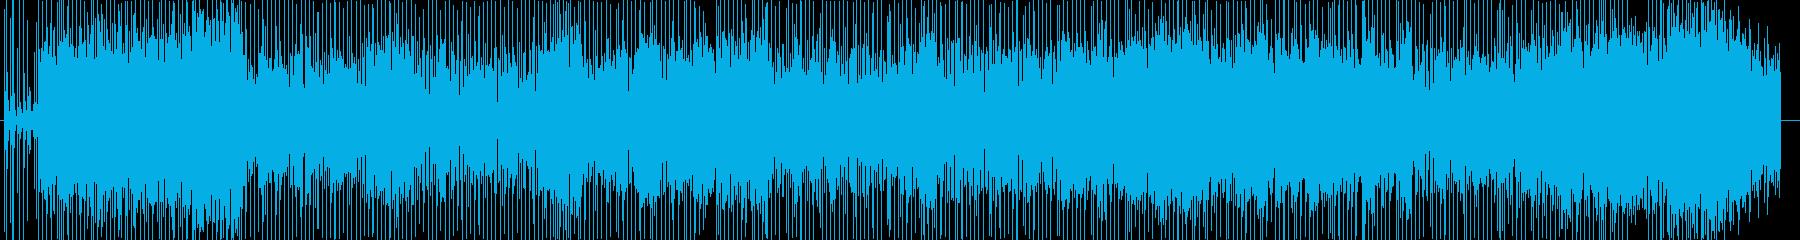 カントリーインスト、「ロッキング」...の再生済みの波形